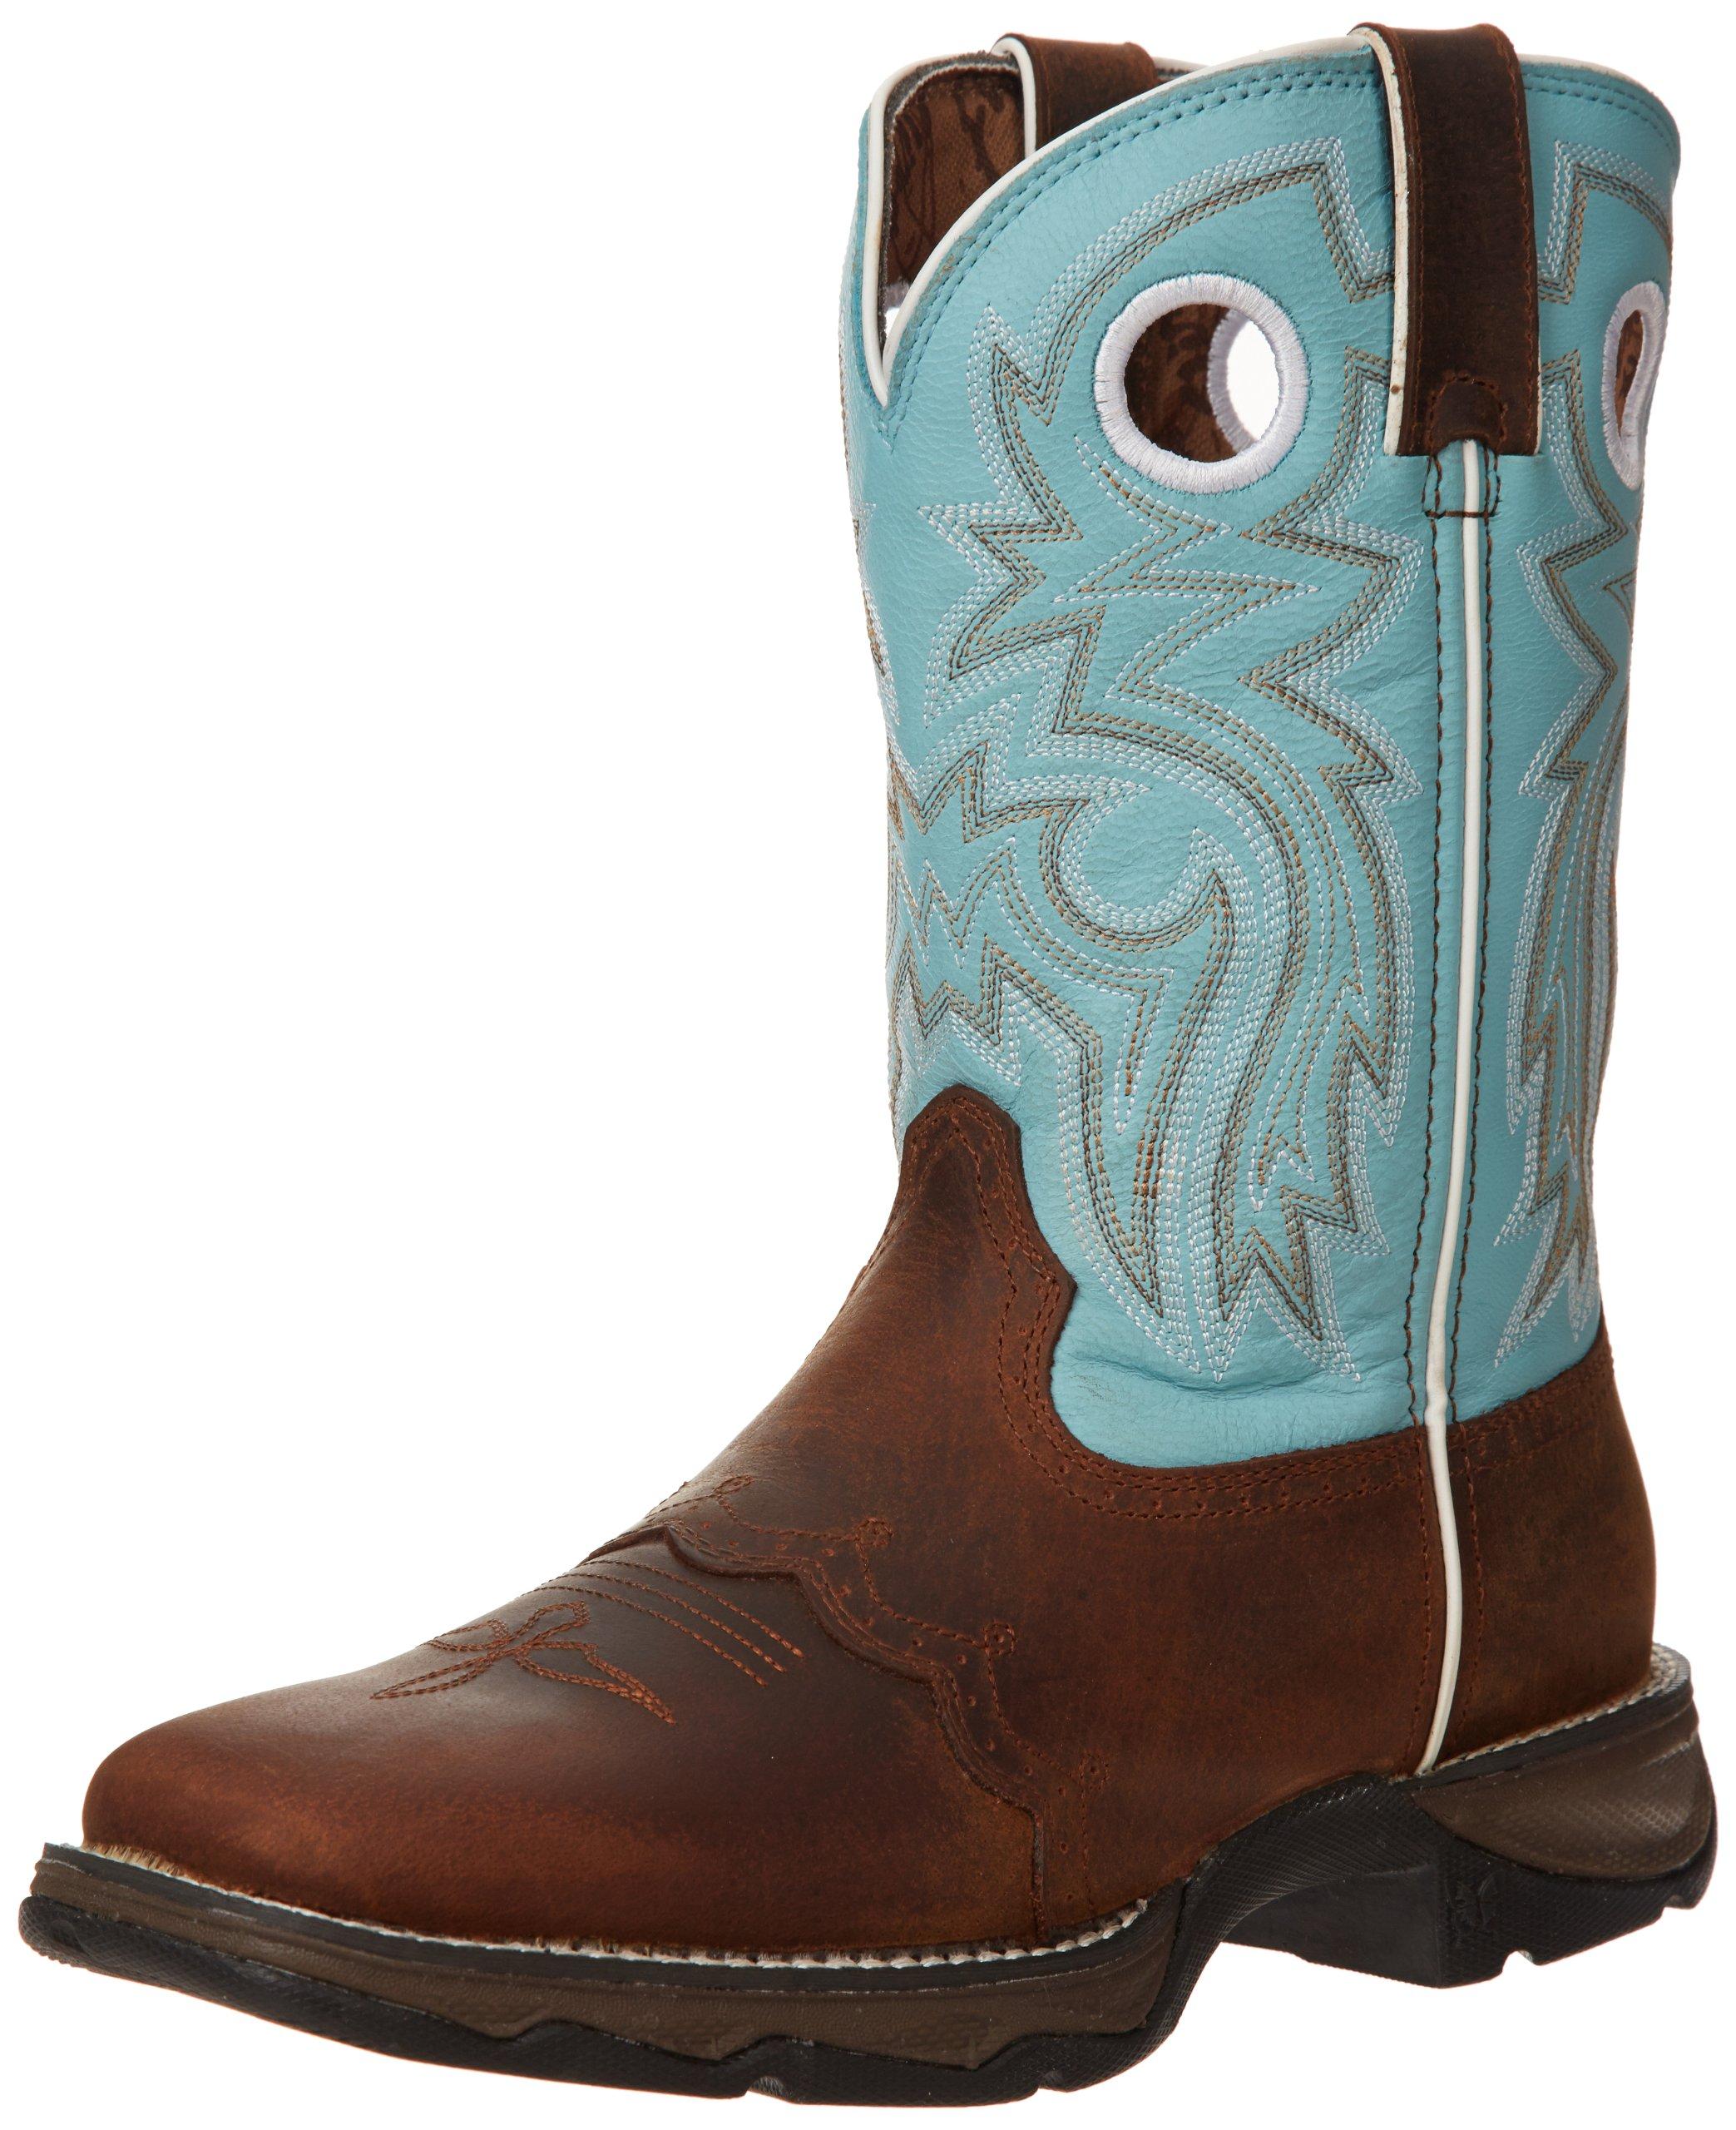 Durango Women's Flirt With Durango 10'' Boot,Brown/Light Blue,7 M US